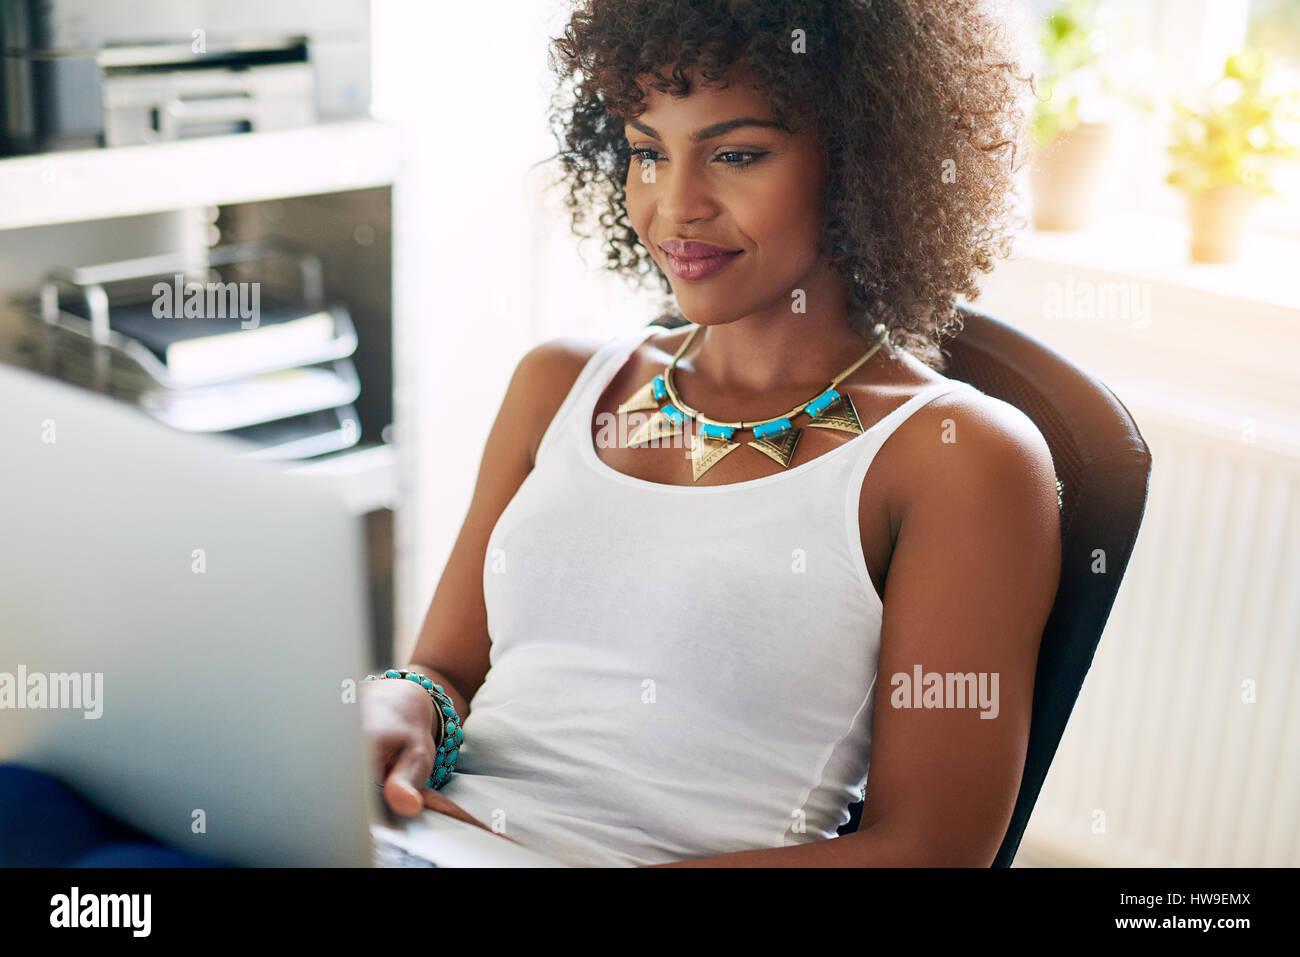 Junge hübsche Brünette auf kleine Unternehmen Computer arbeiten und lächelnd auf im Hintergrund unscharf. Stockbild